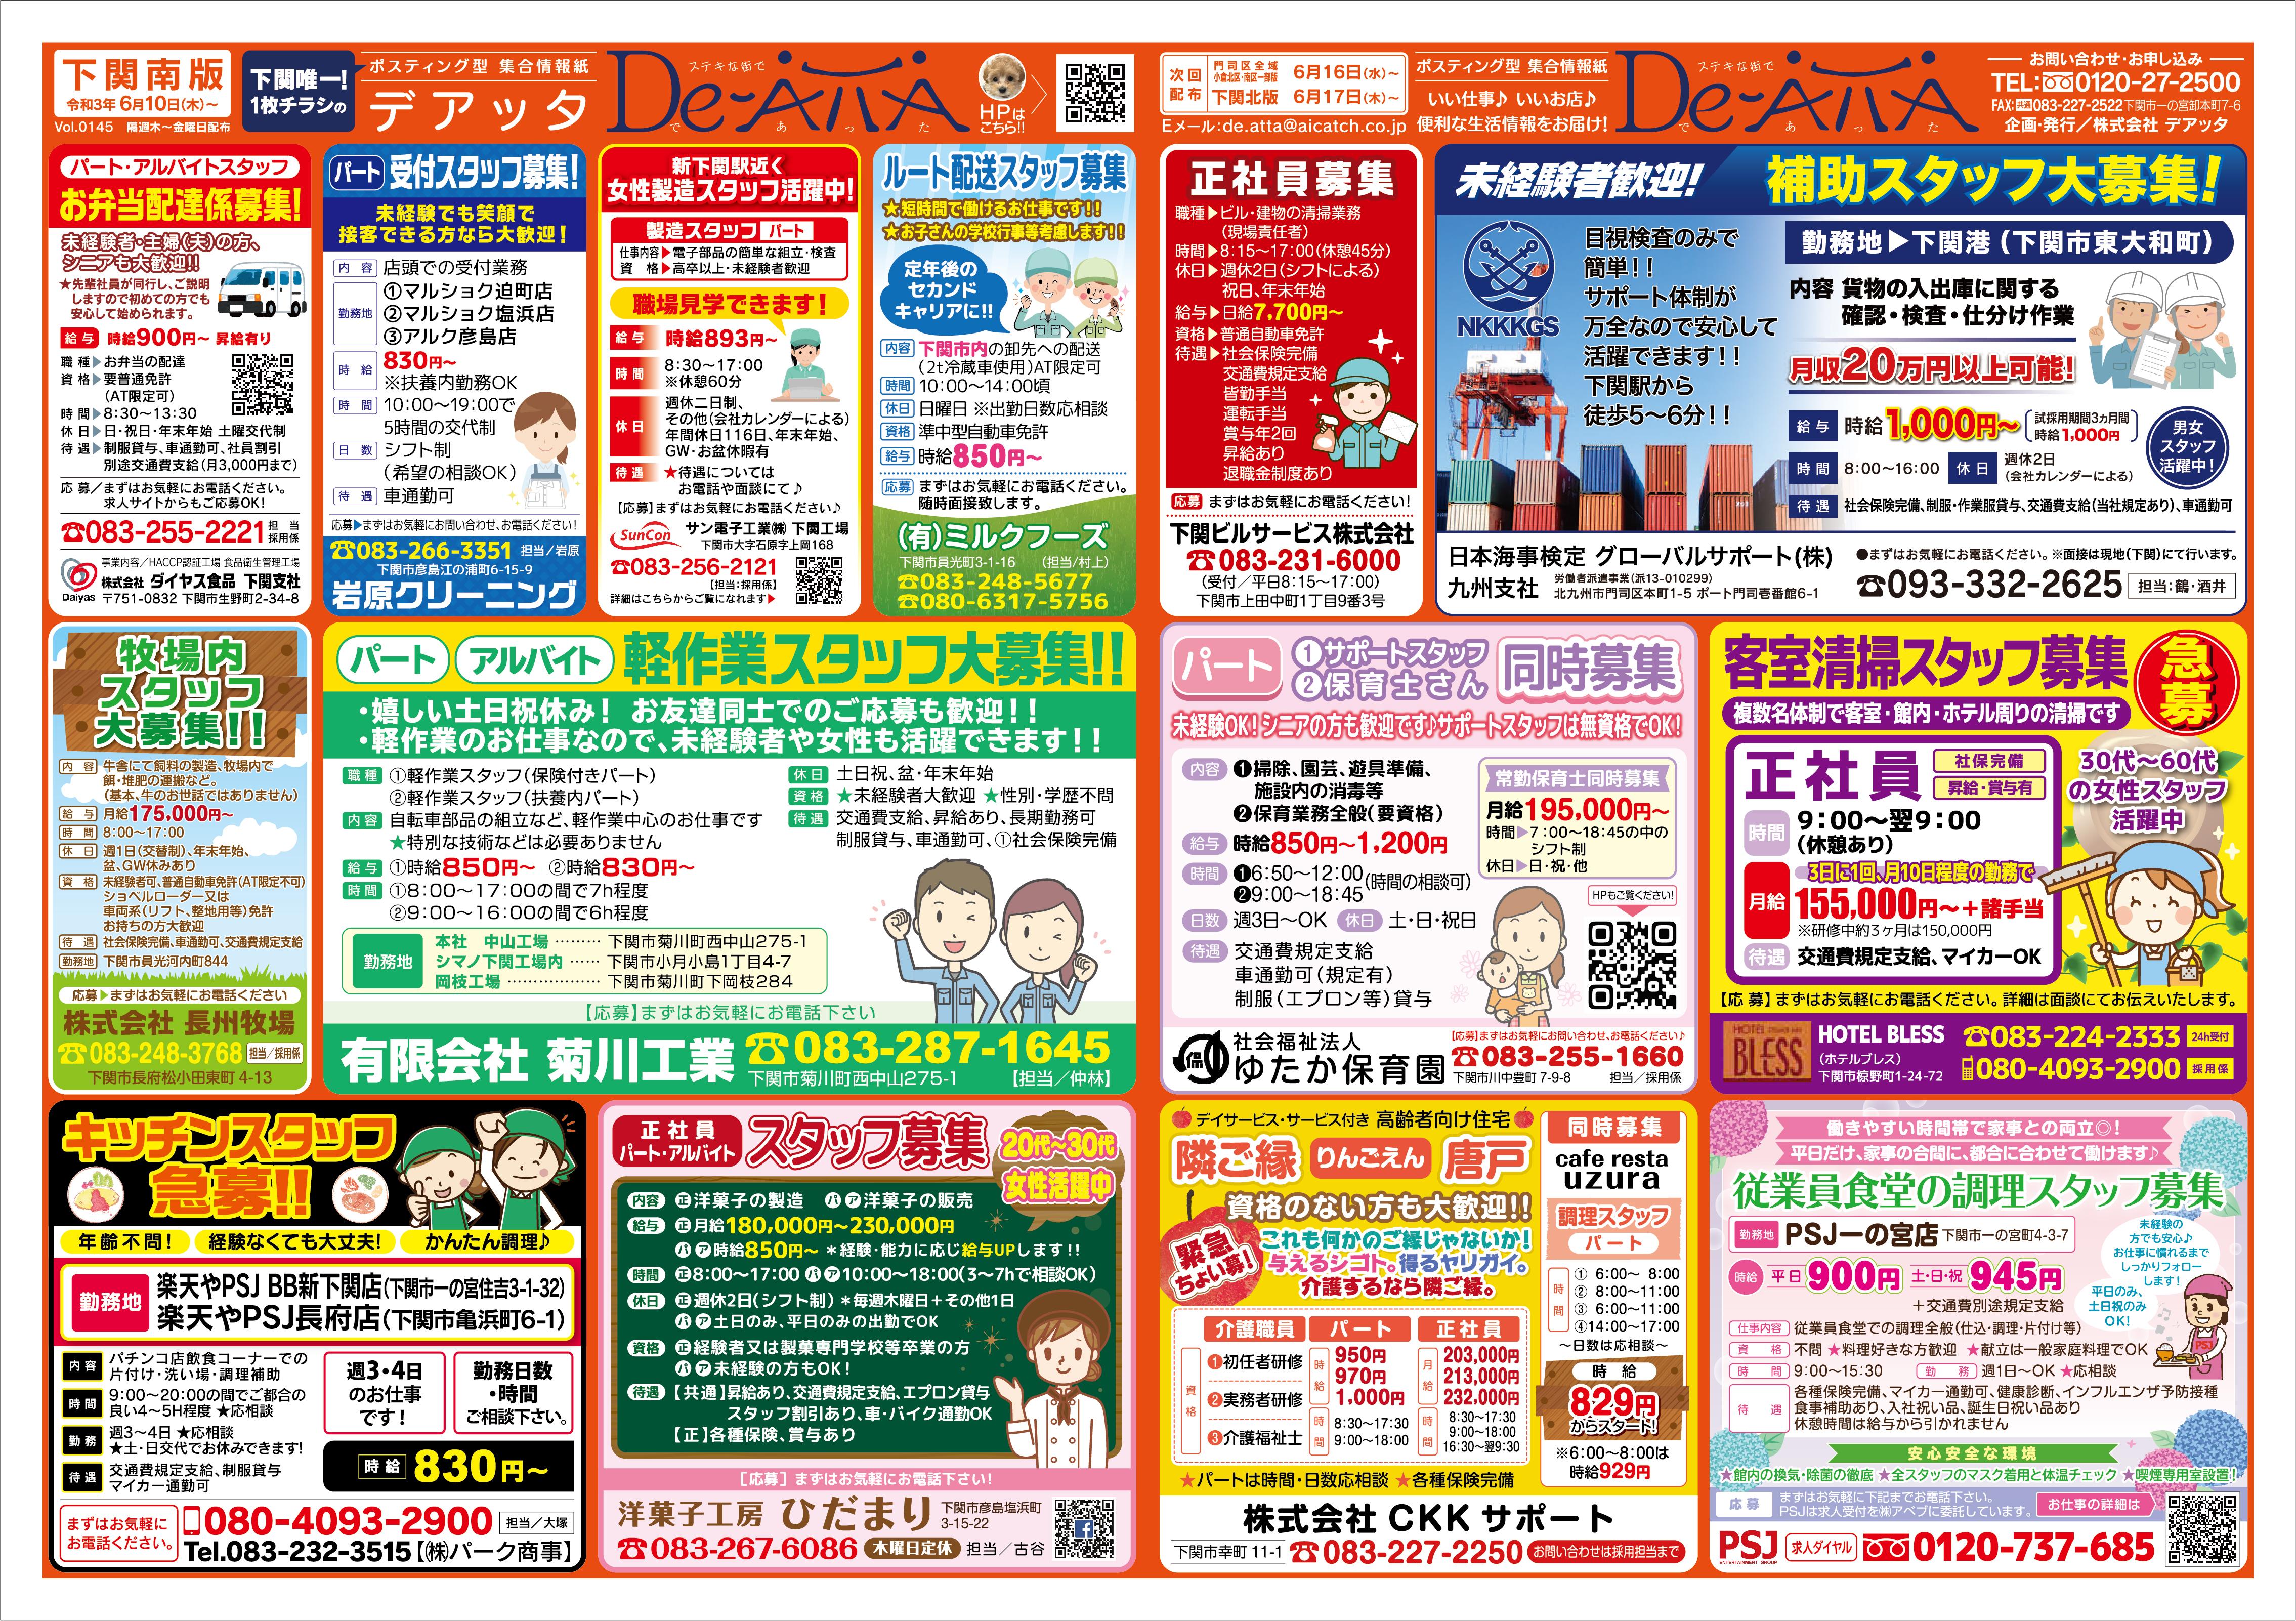 下関南版 令和3年6月10日号デアッタチラシ表イメージ